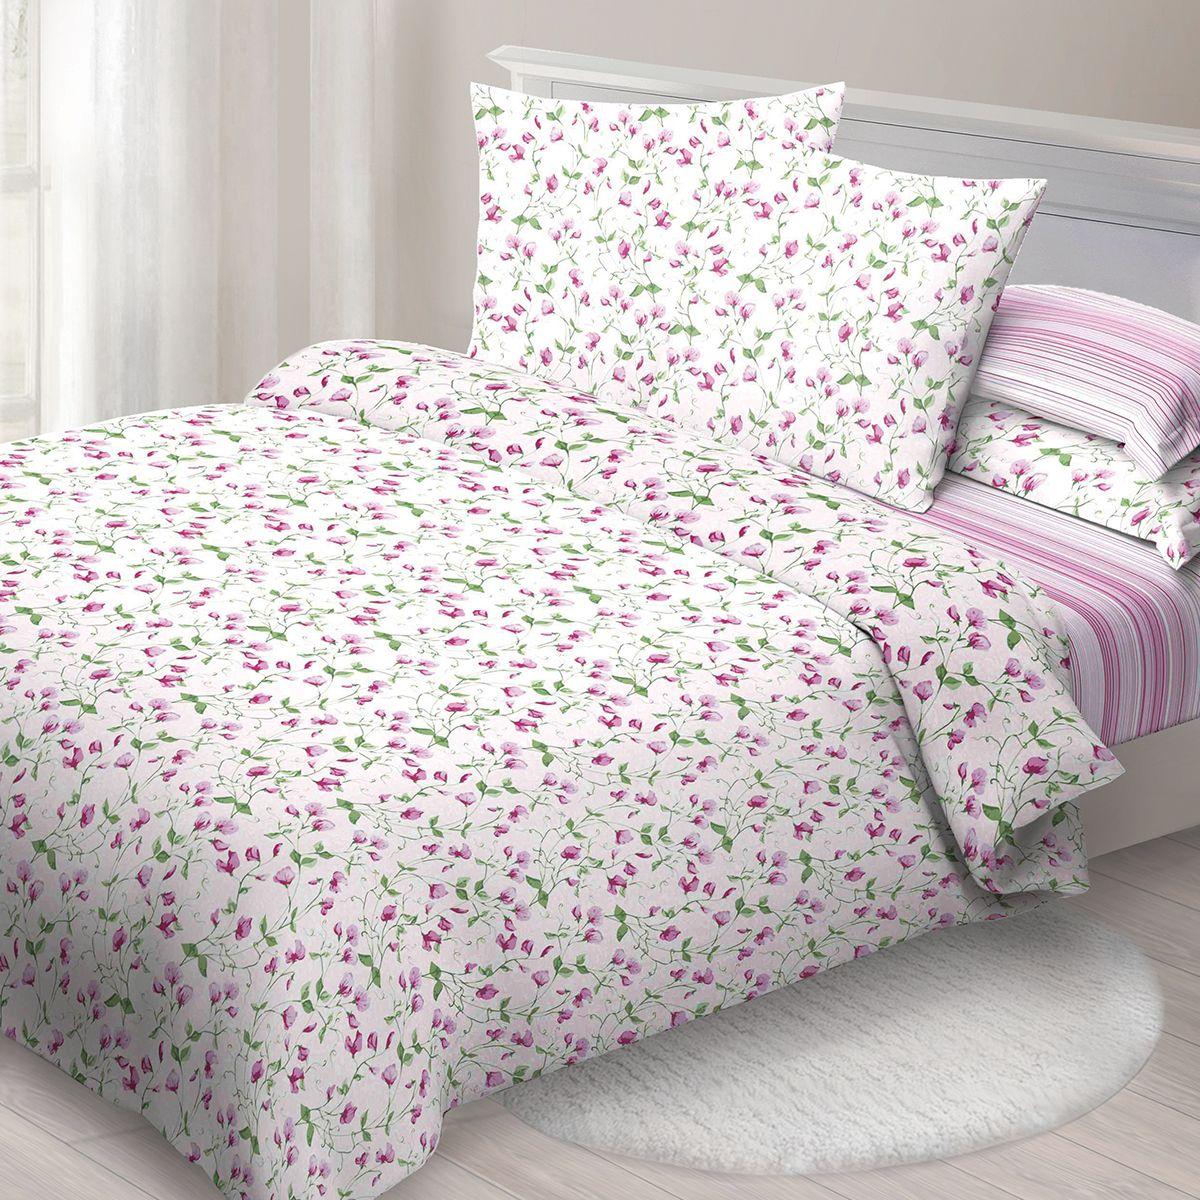 Комплект белья Спал Спалыч Лизабет, 2-спальное, наволочки 70x70, цвет: розовый85484Спал Спалыч - недорогое, но качественное постельное белье из белорусской бязи. Актуальные дизайны, авторская упаковка в сочетании с качественными материалами и приемлемой ценой - залог успеха Спал Спалыча!В ассортименте широкая линейка домашнего текстиля для всей семьи - современные дизайны современному покупателю! Ткань обработана по технологии PERFECT WAY - благодаря чему, она становится более гладкой и шелковистой.• Бязь Барановичи 100% хлопок• Плотность ткани - 125 гр/кв.м.